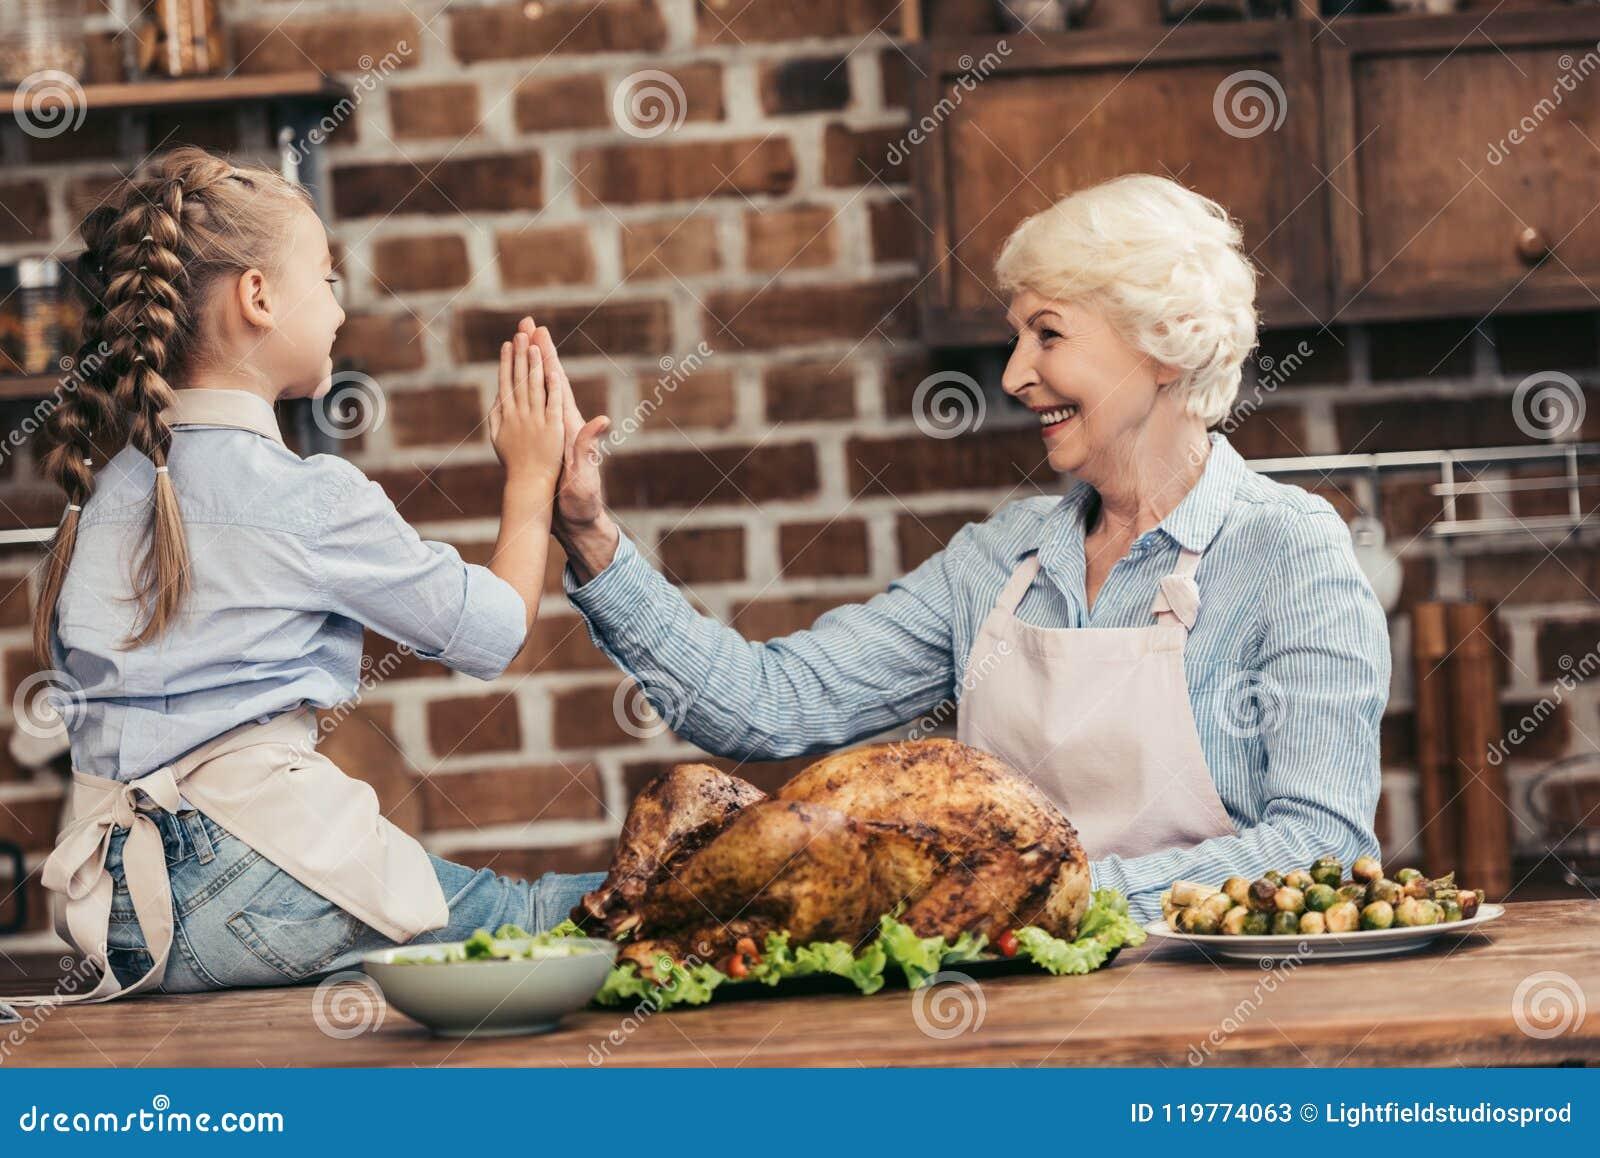 Glückliche Großmutter und Enkelin, die Hoch fünf auf Danksagung nach erfolgreichem gibt